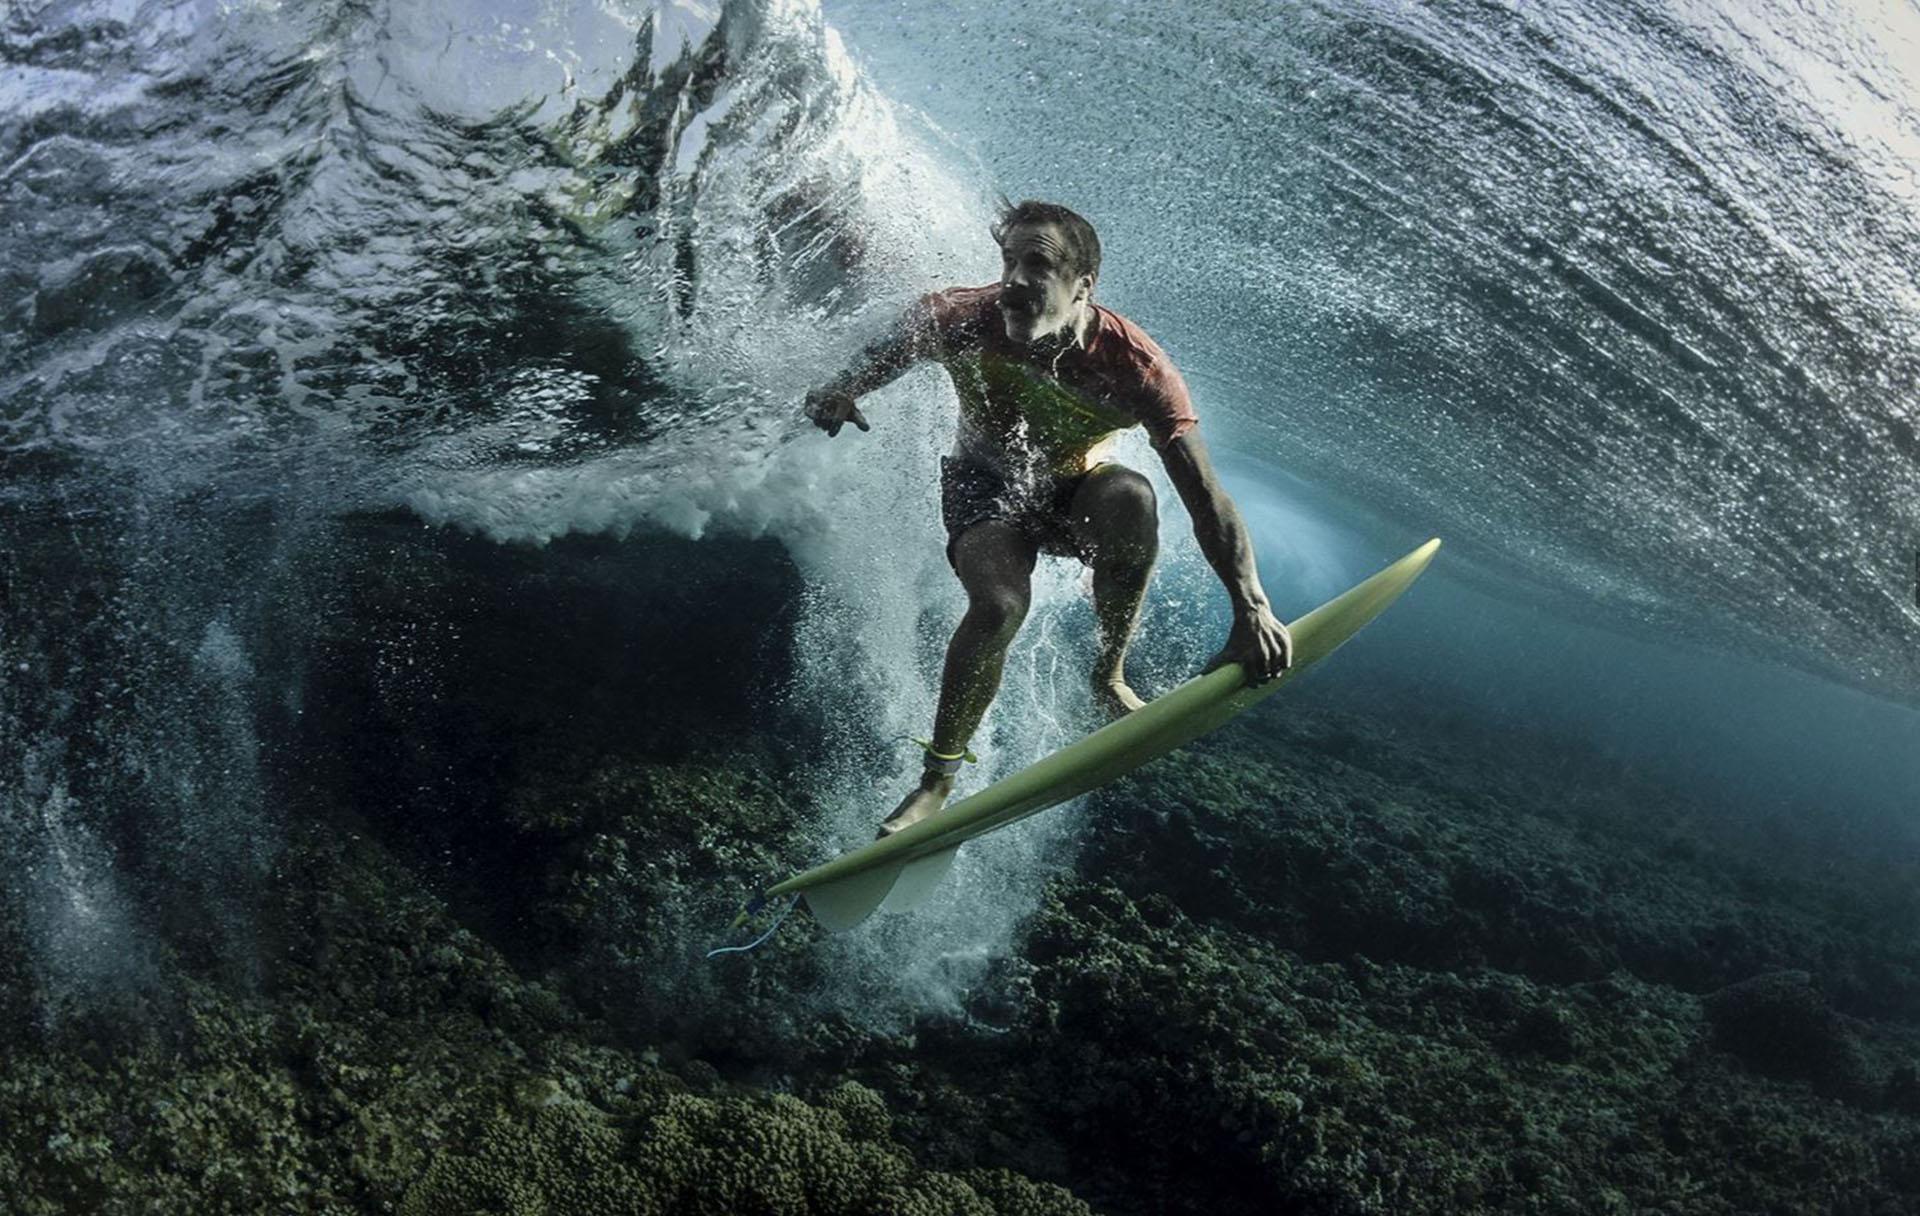 Gente – Tercer lugar. Bajo las olas. El surfista profesional Donavon Frankenreiter fue captado en Fiji con una inusual perspectia. Por Rodney Bursiel